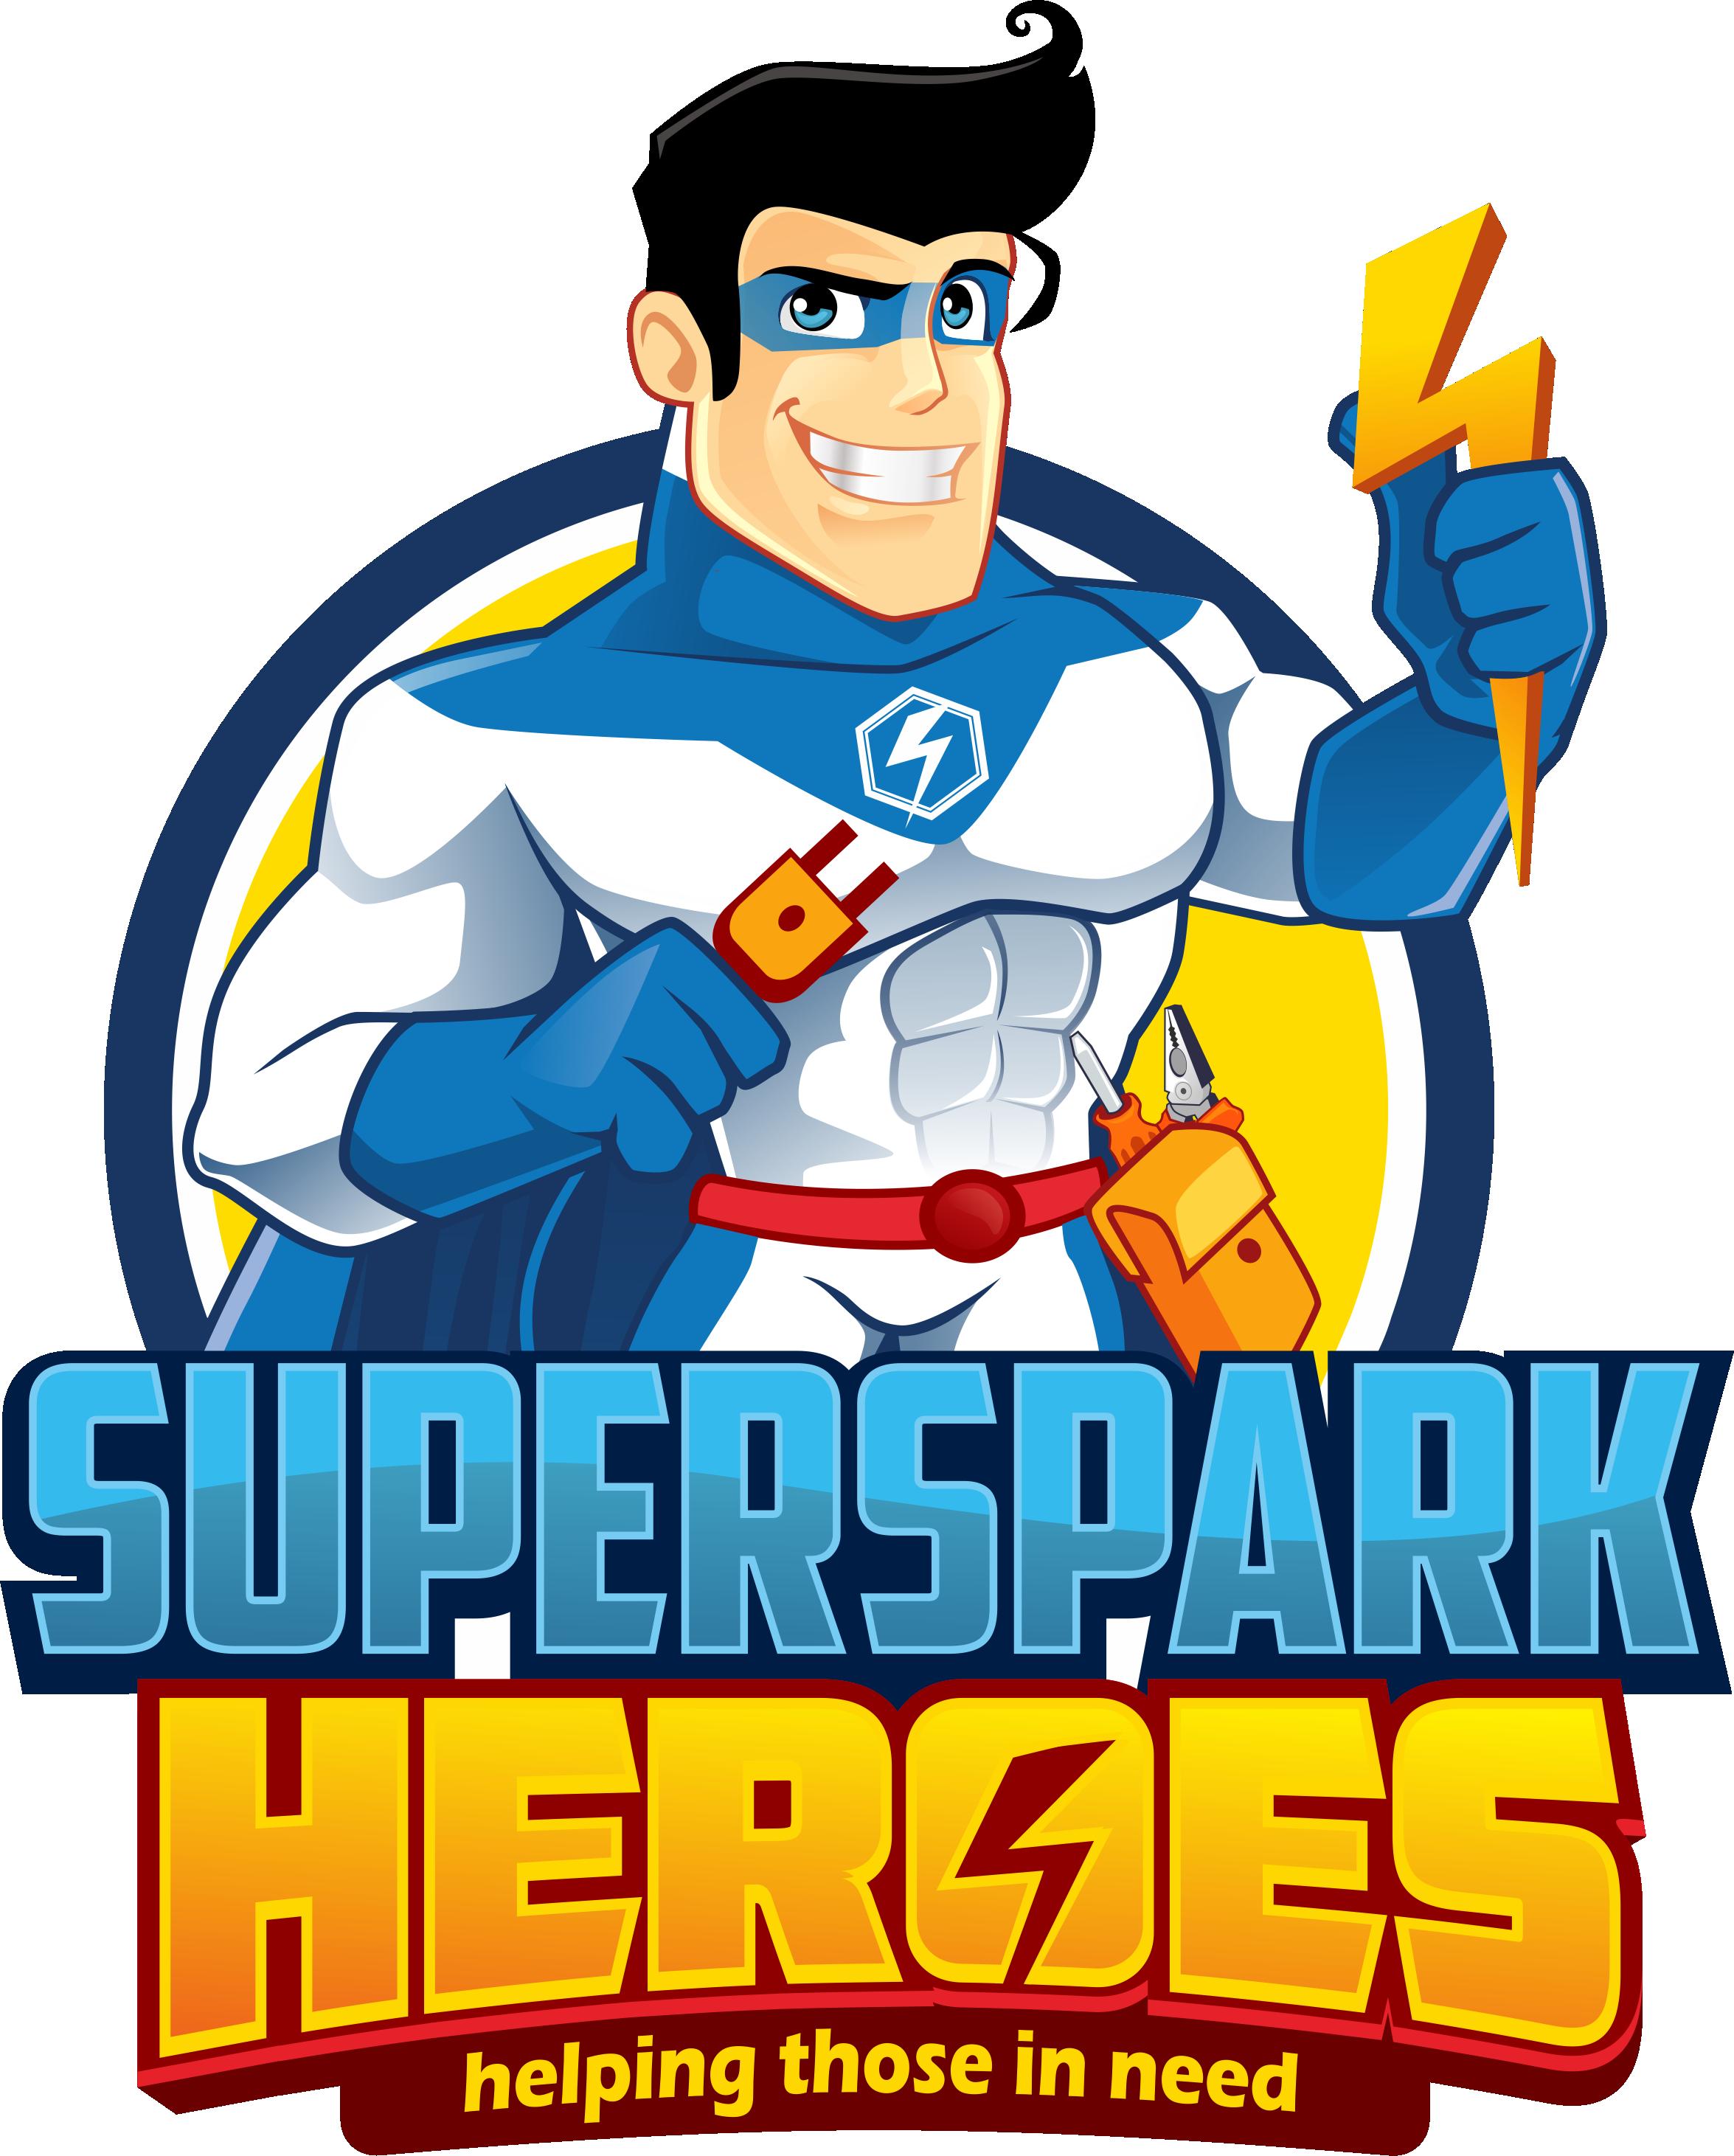 SuperSpark heroes